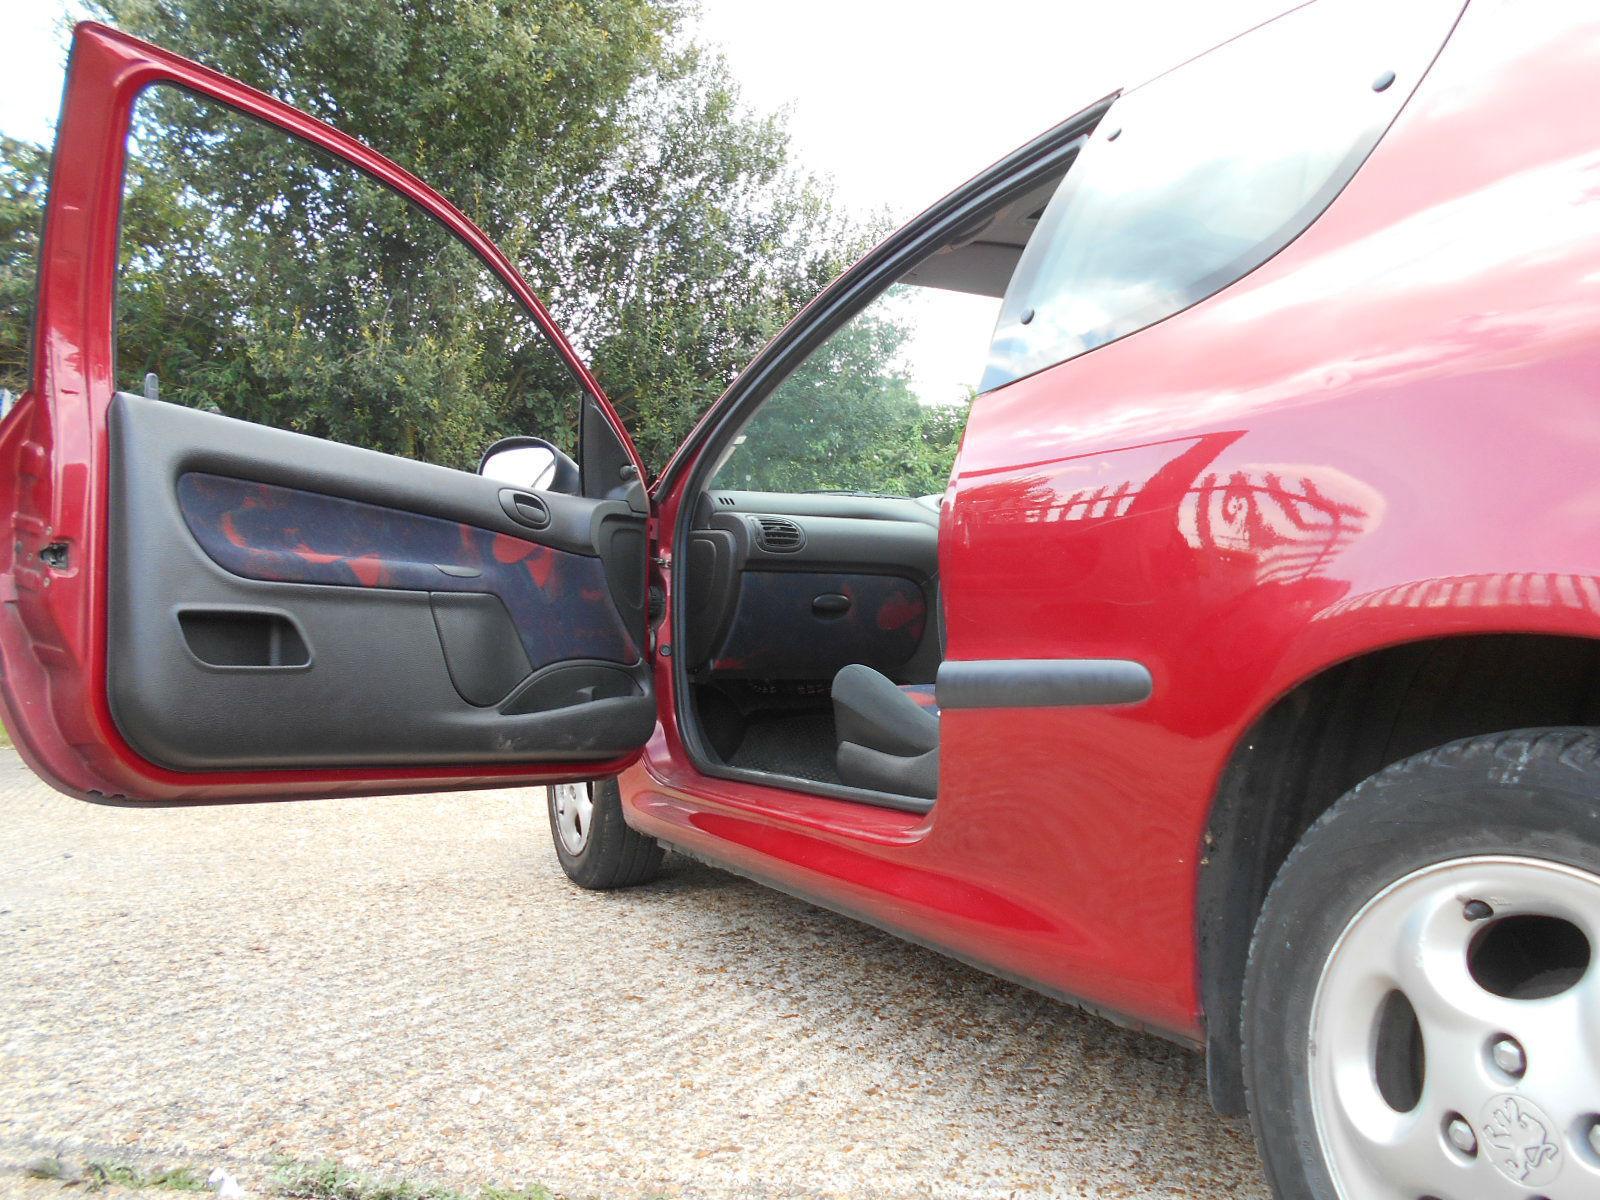 Peugeot 206 Passenger door side.JPG